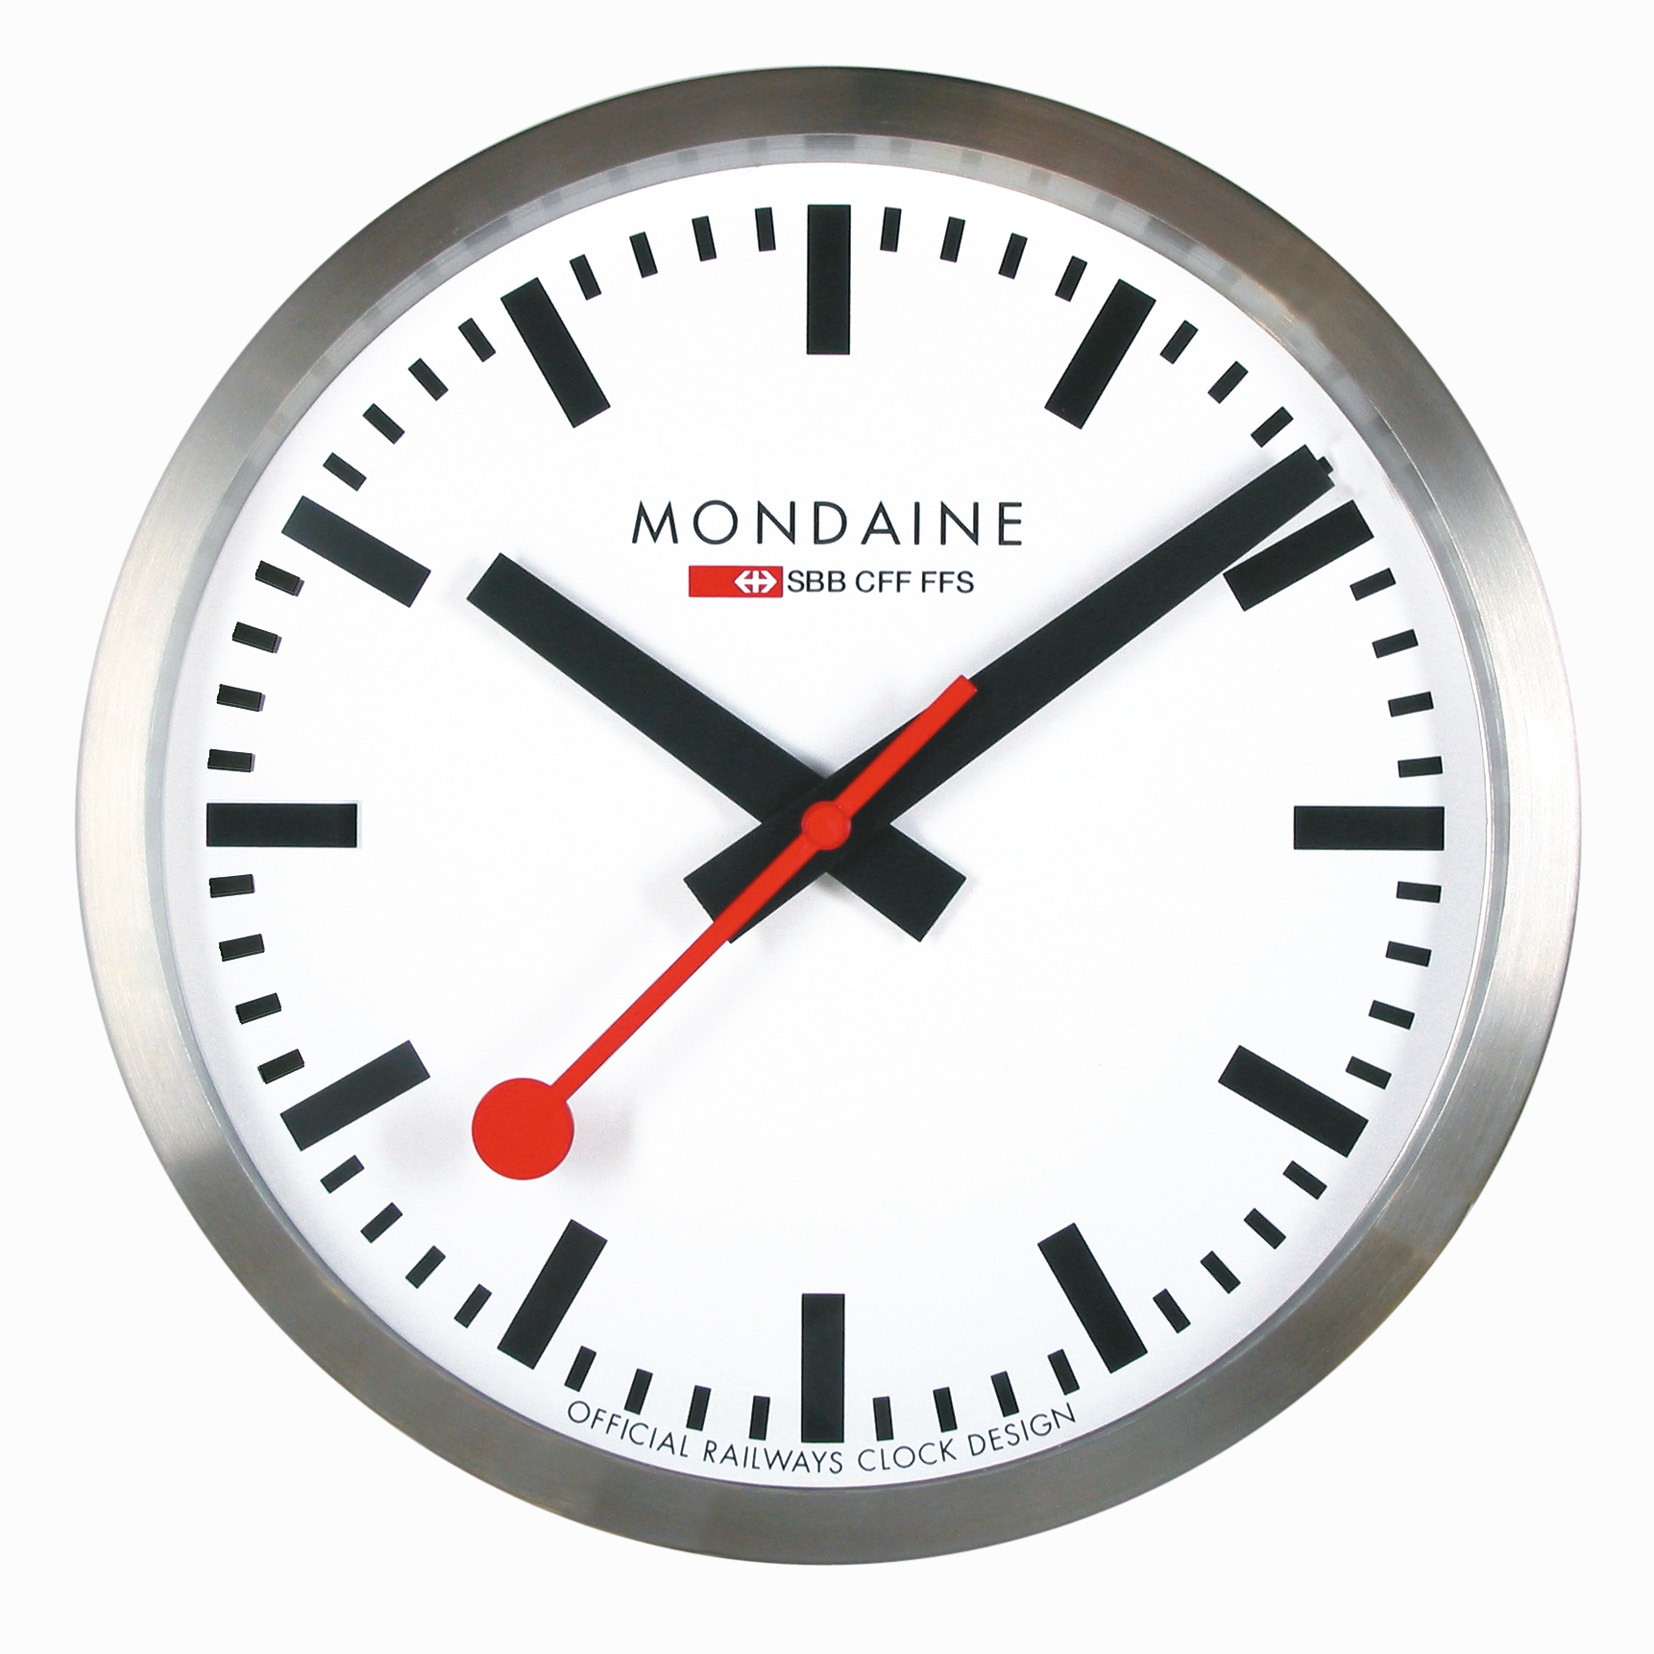 Mondaine swiss watch WALL CLOCK 25CM - A990.CLOCK.16SBB